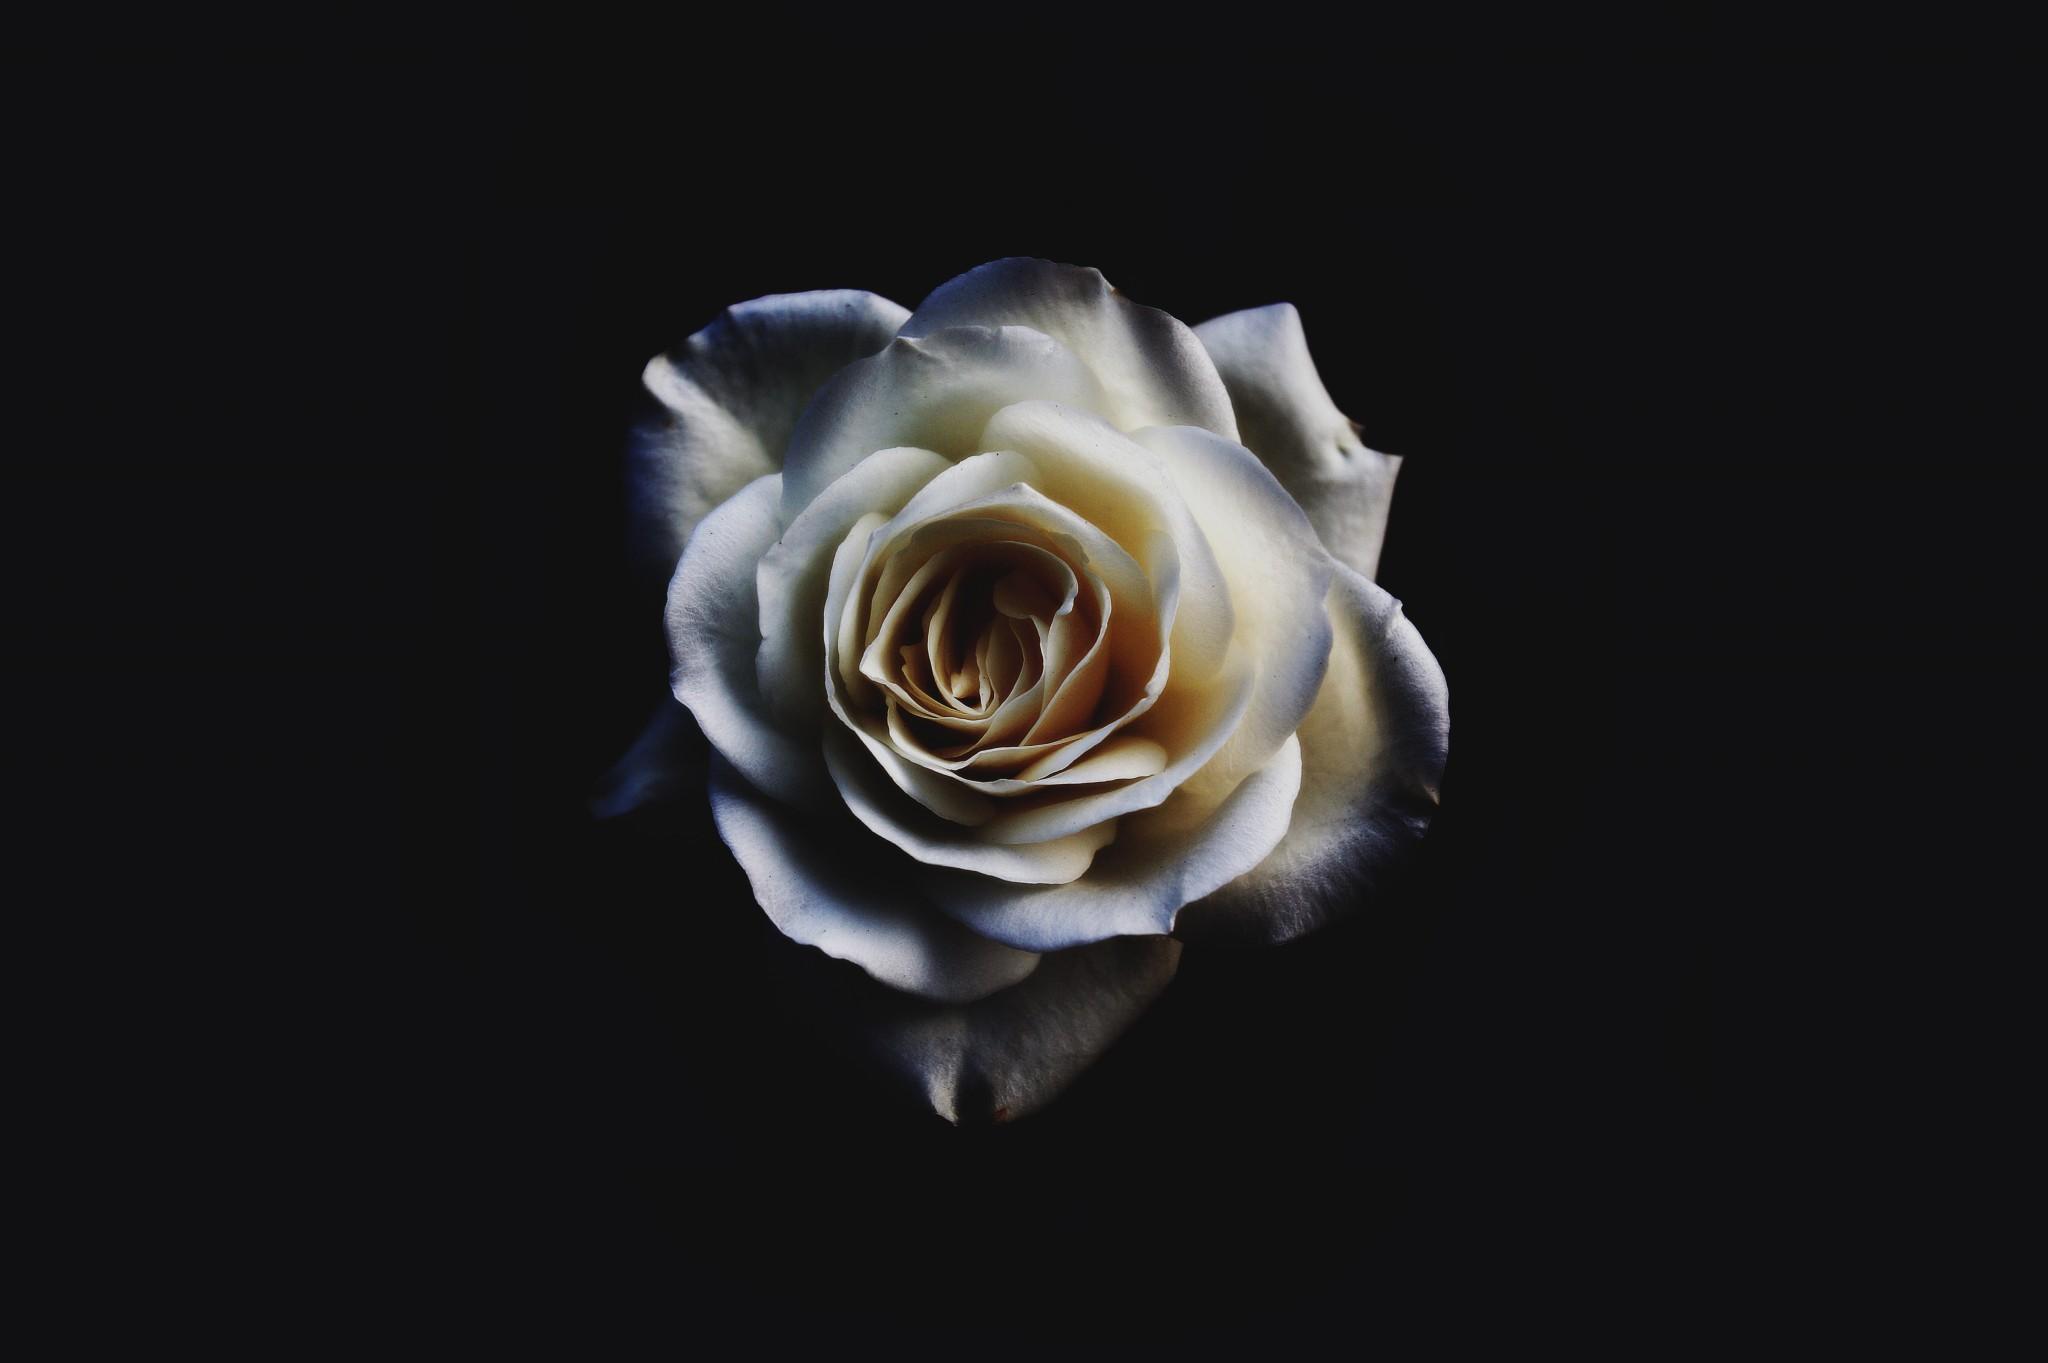 白色花朵,花瓣,5K壁纸_千叶网